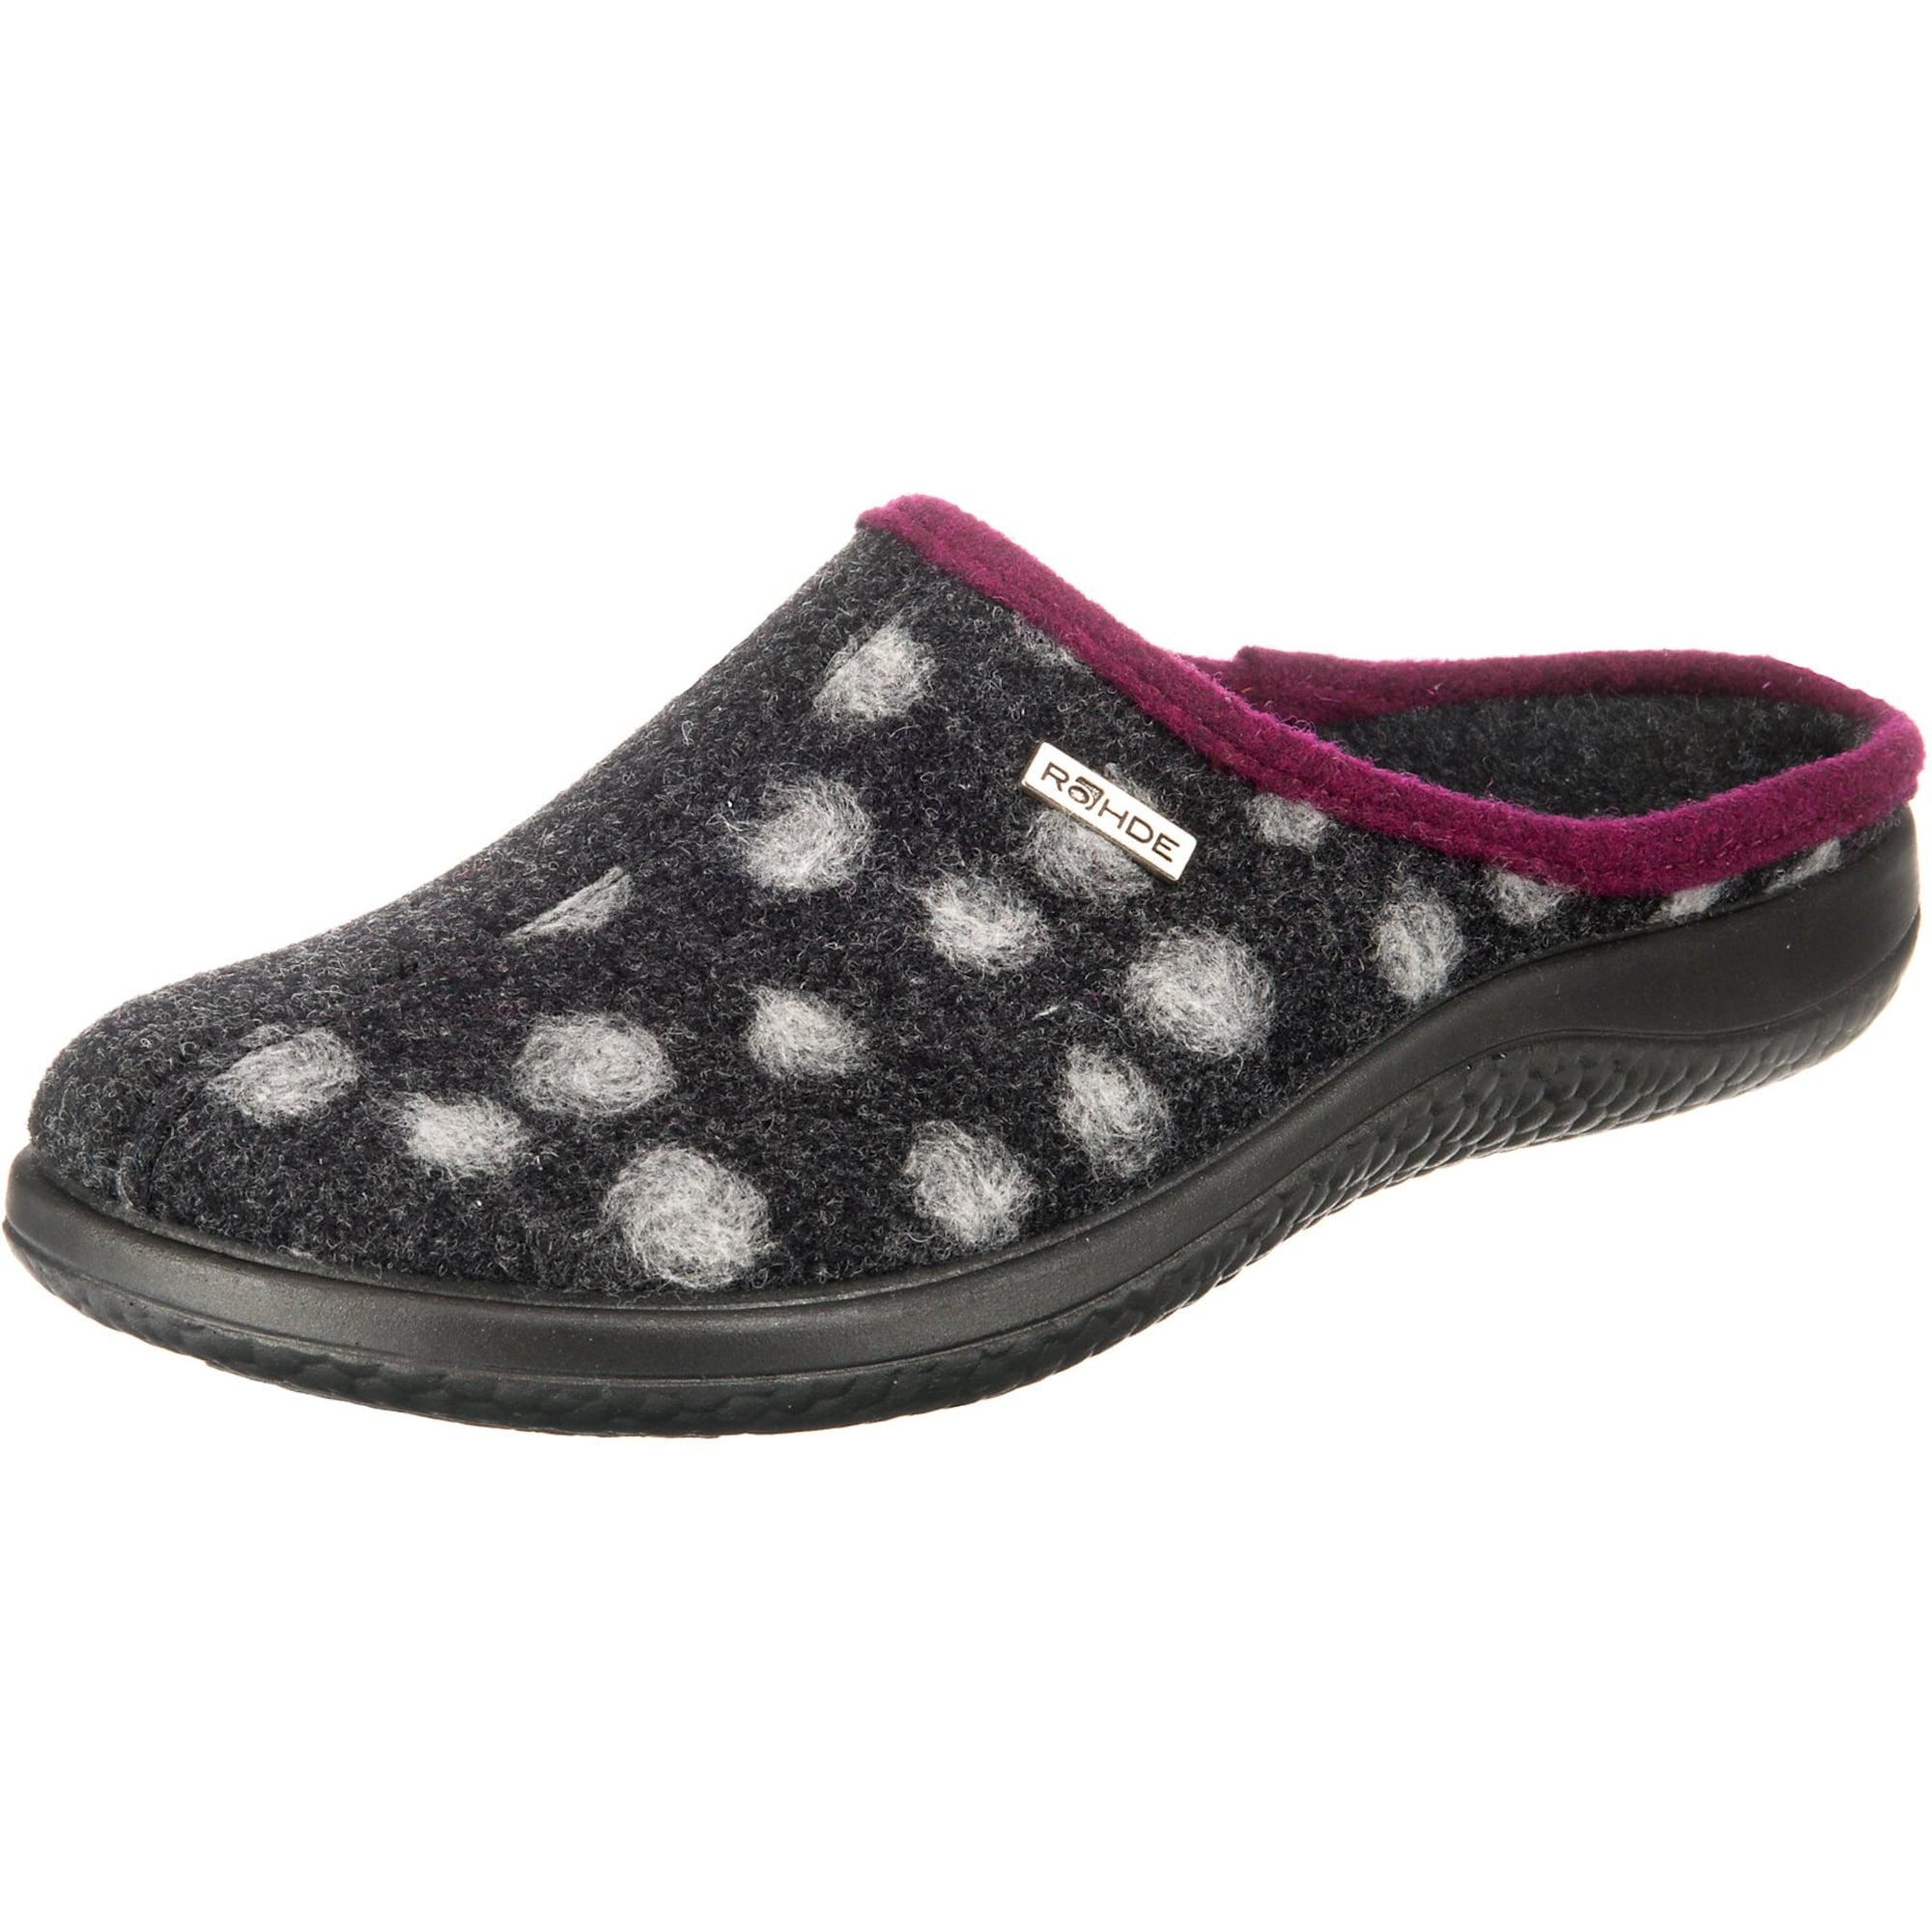 Pantoffeln 'Bari' | Schuhe > Hausschuhe > Pantoffeln | ROHDE